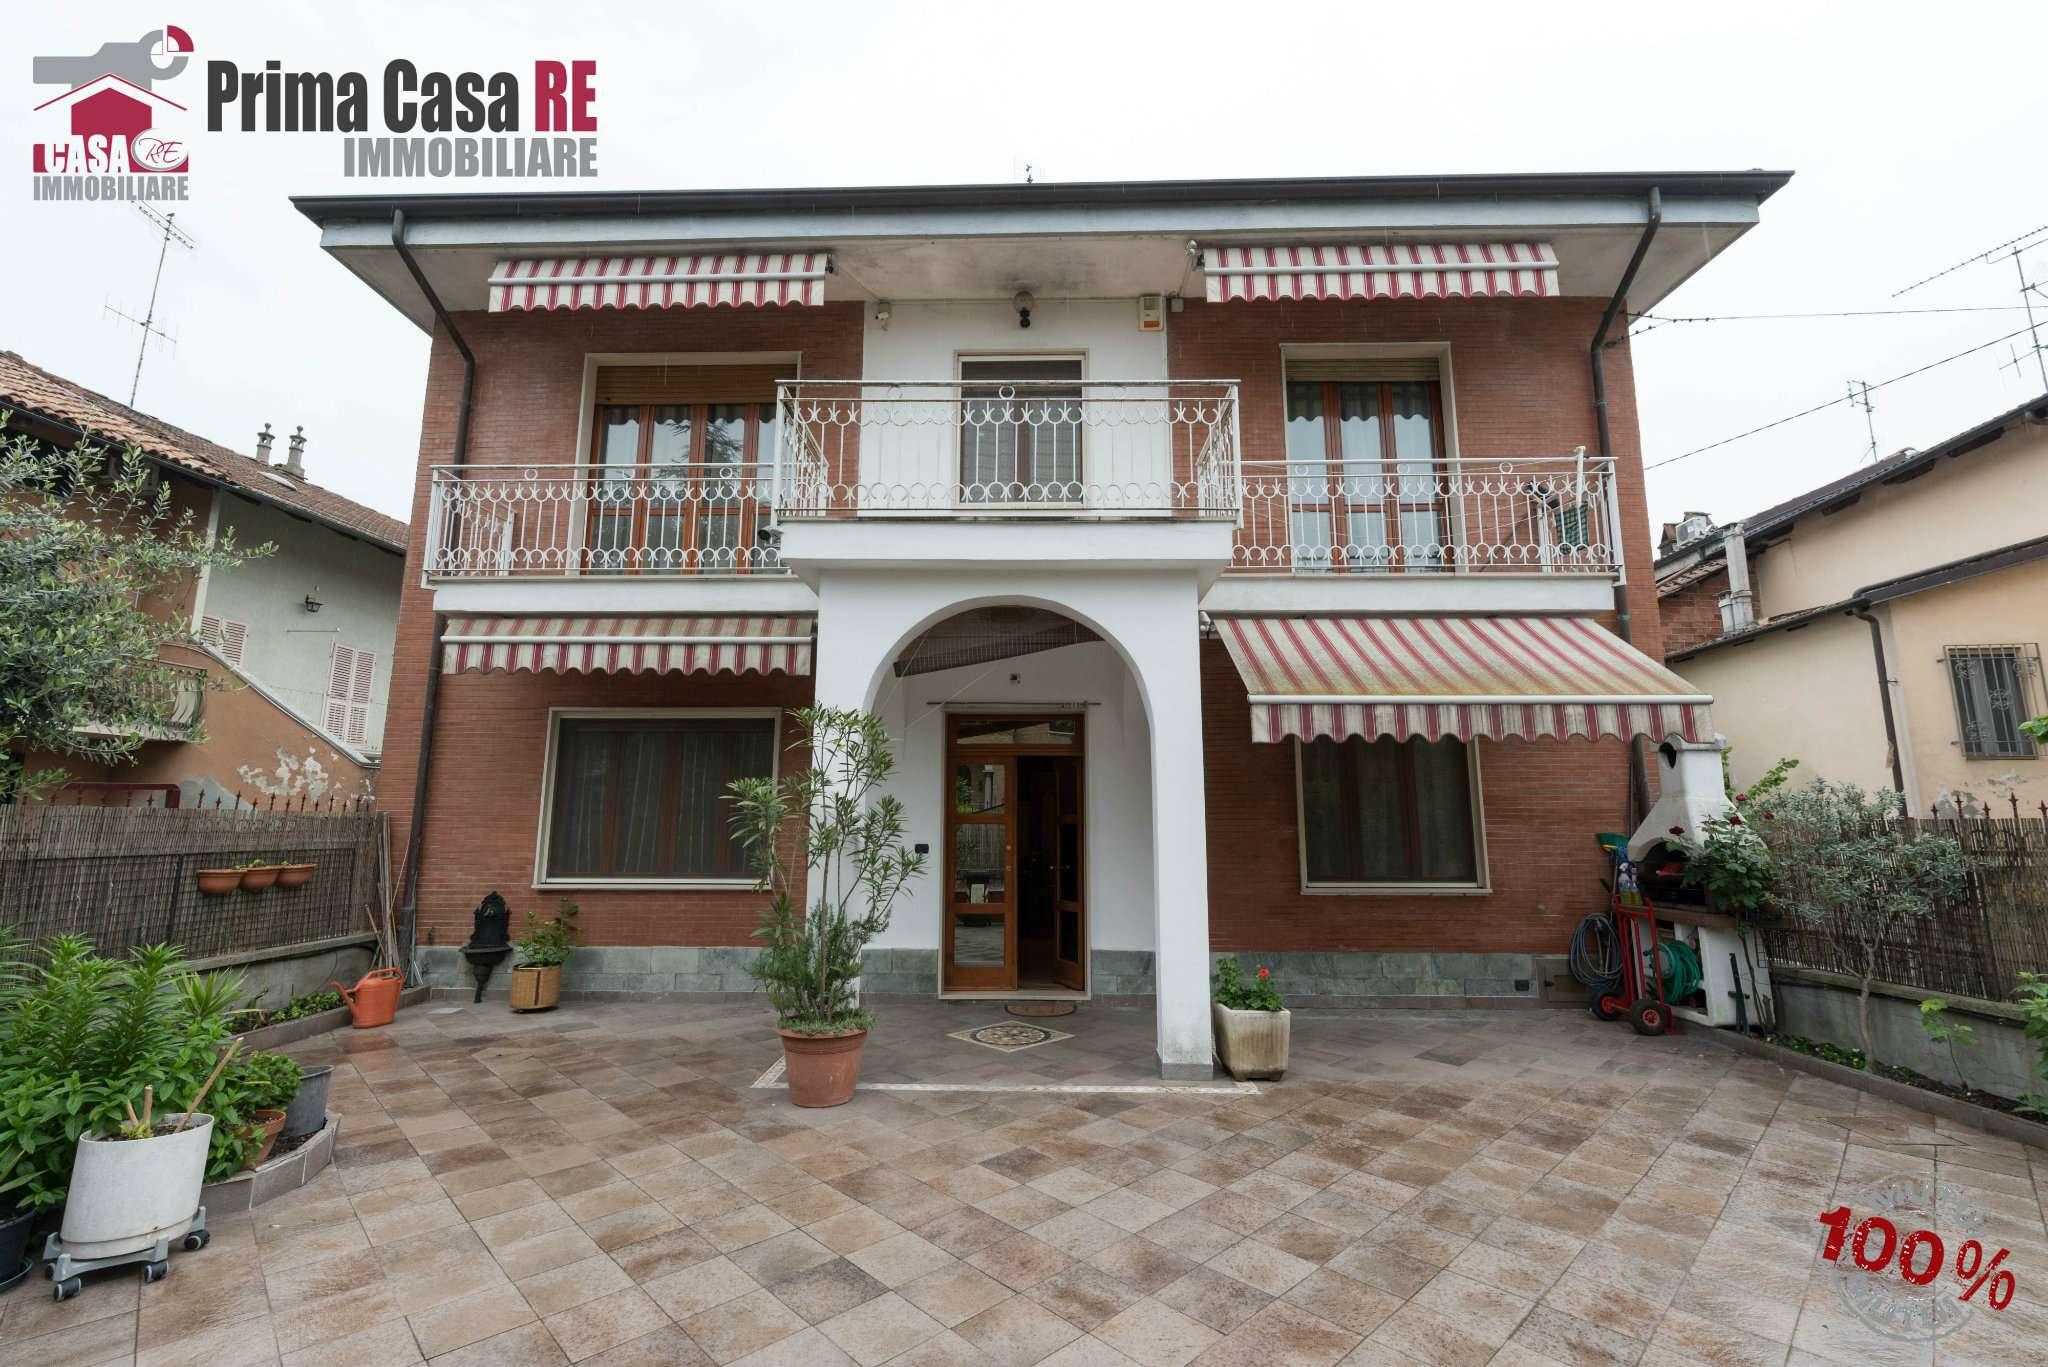 Villa in vendita a Verolengo, 4 locali, prezzo € 210.000 | Cambio Casa.it